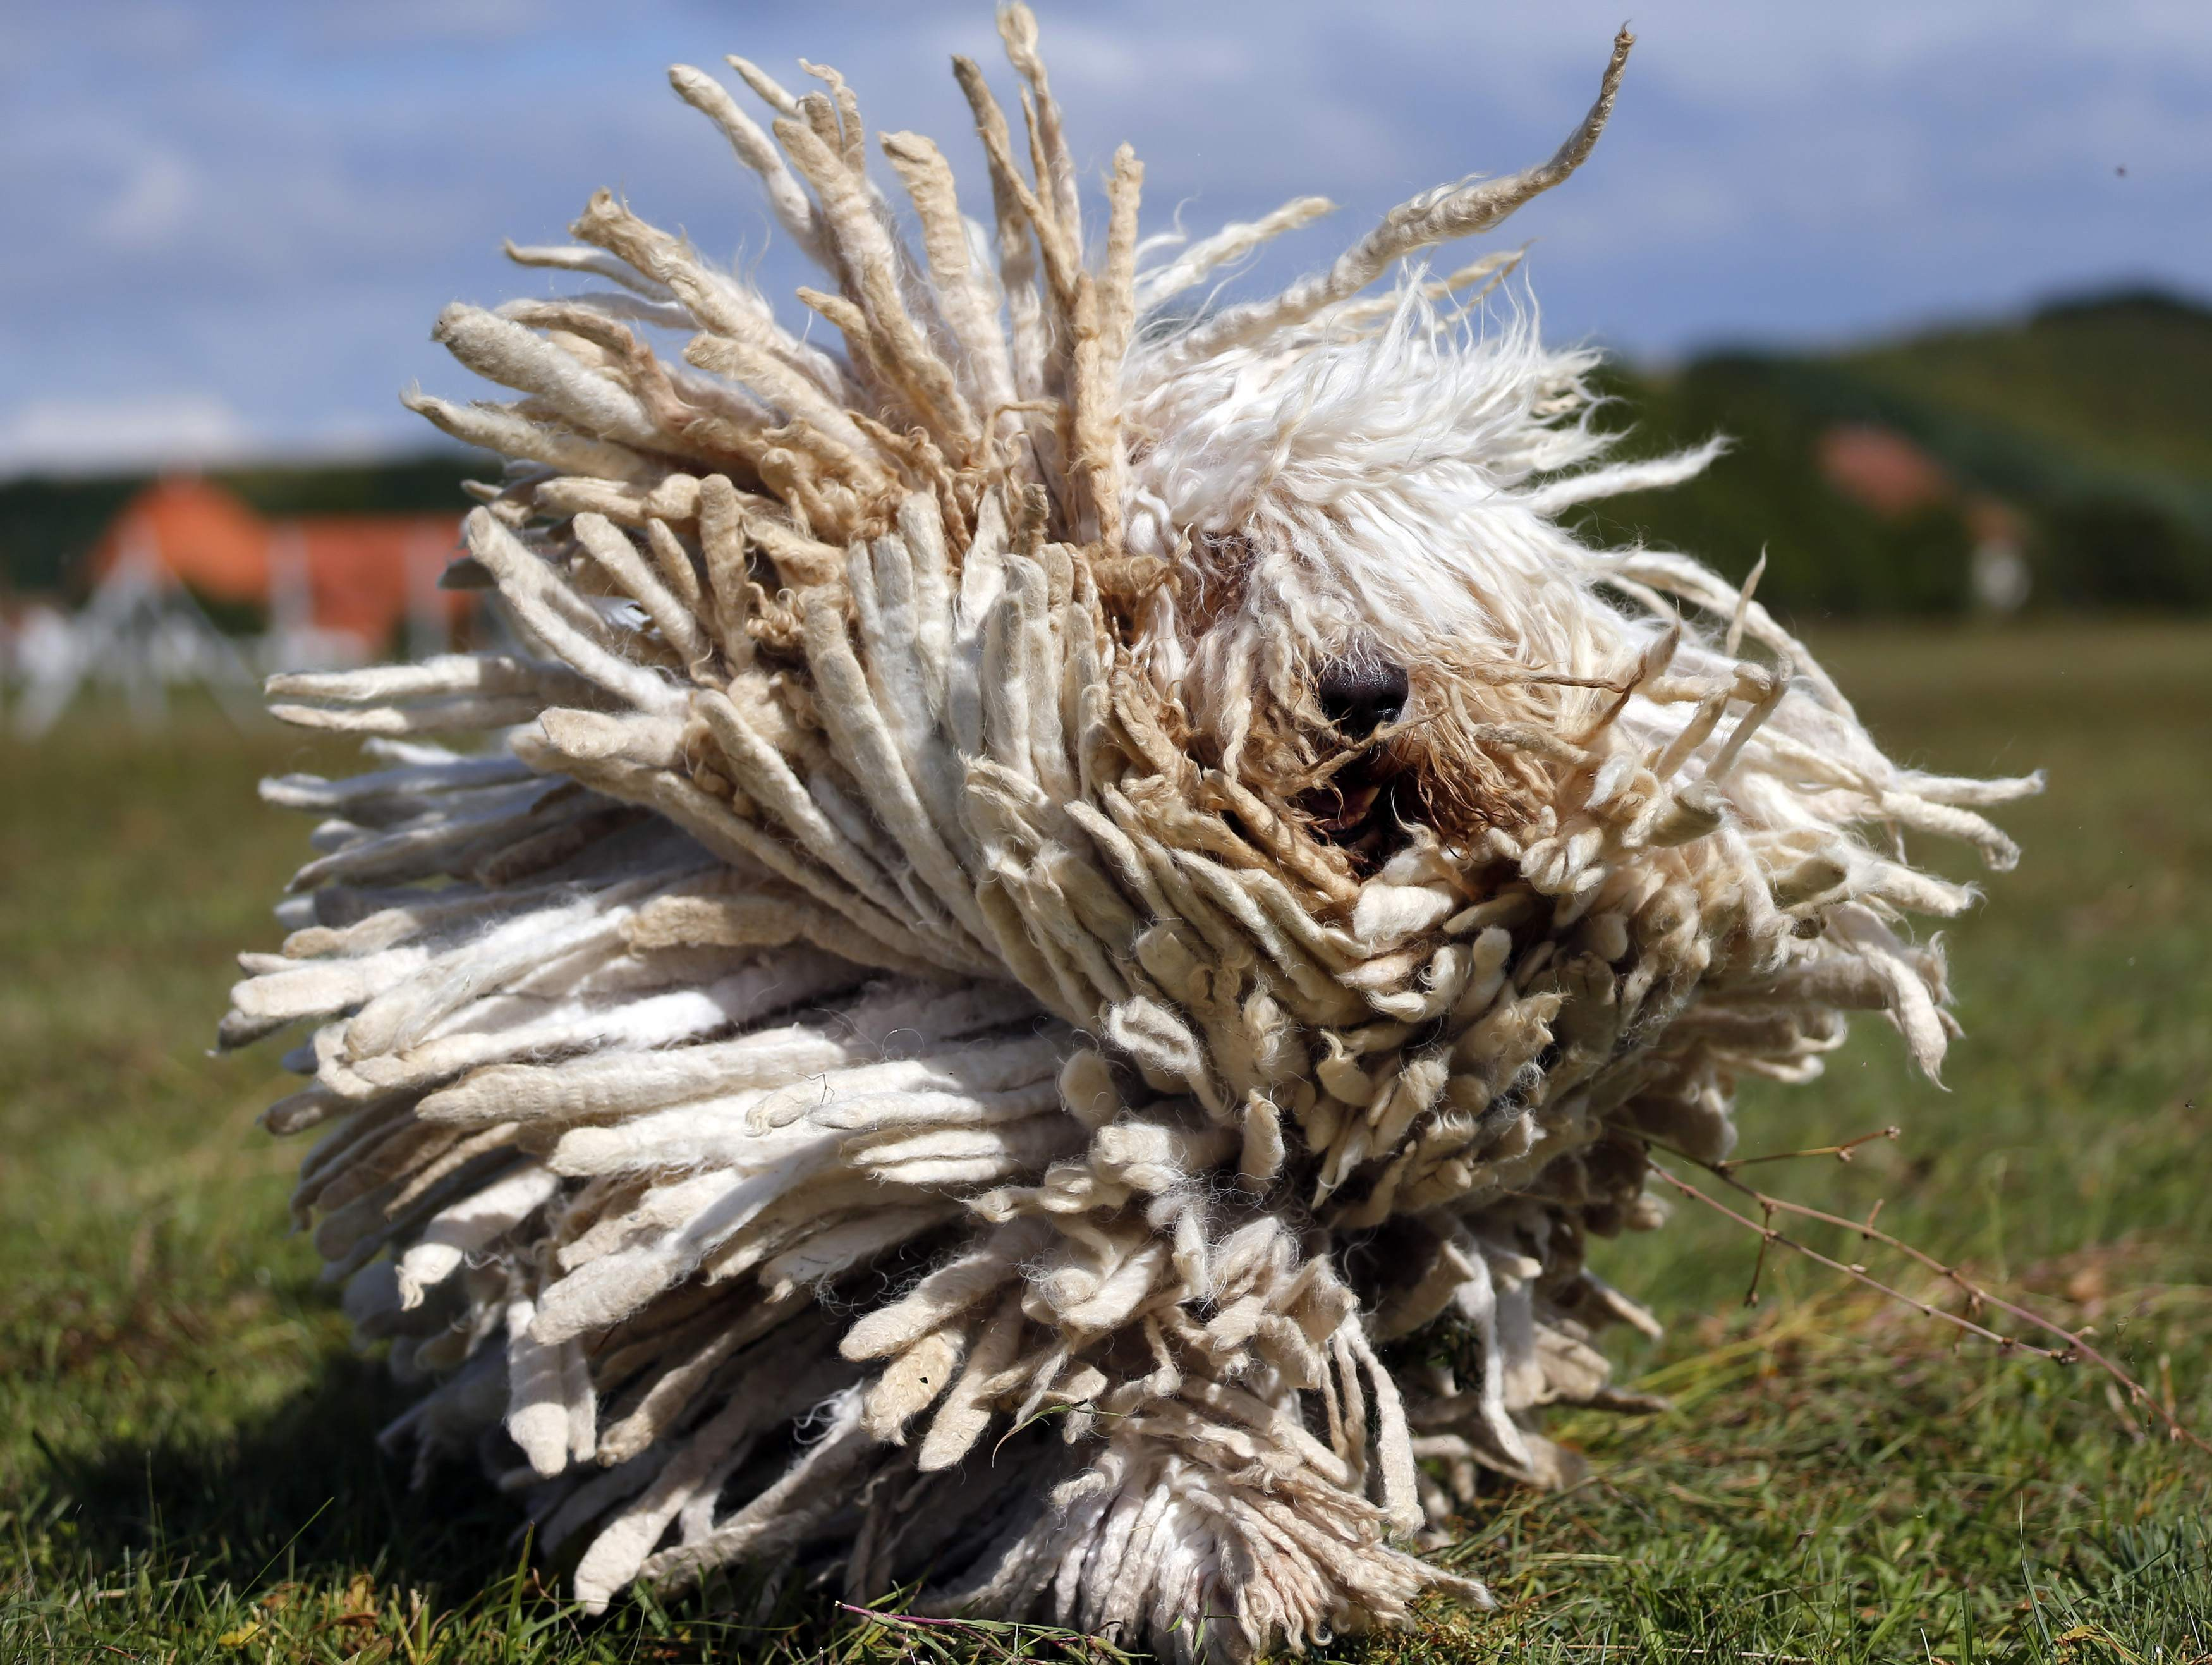 Acredite, isso é um cachorro! Cães 'rastafári' são tradicionais na Hungria